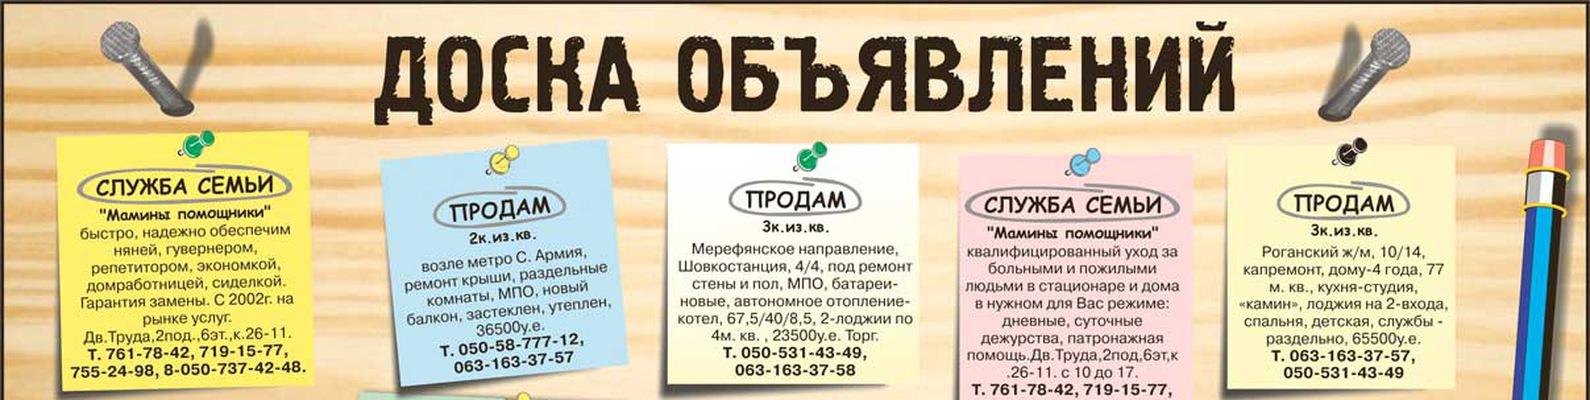 Газета в каждый дом коркино подать объявление дать объявление о сдаче квартиры в агенство недвижимости